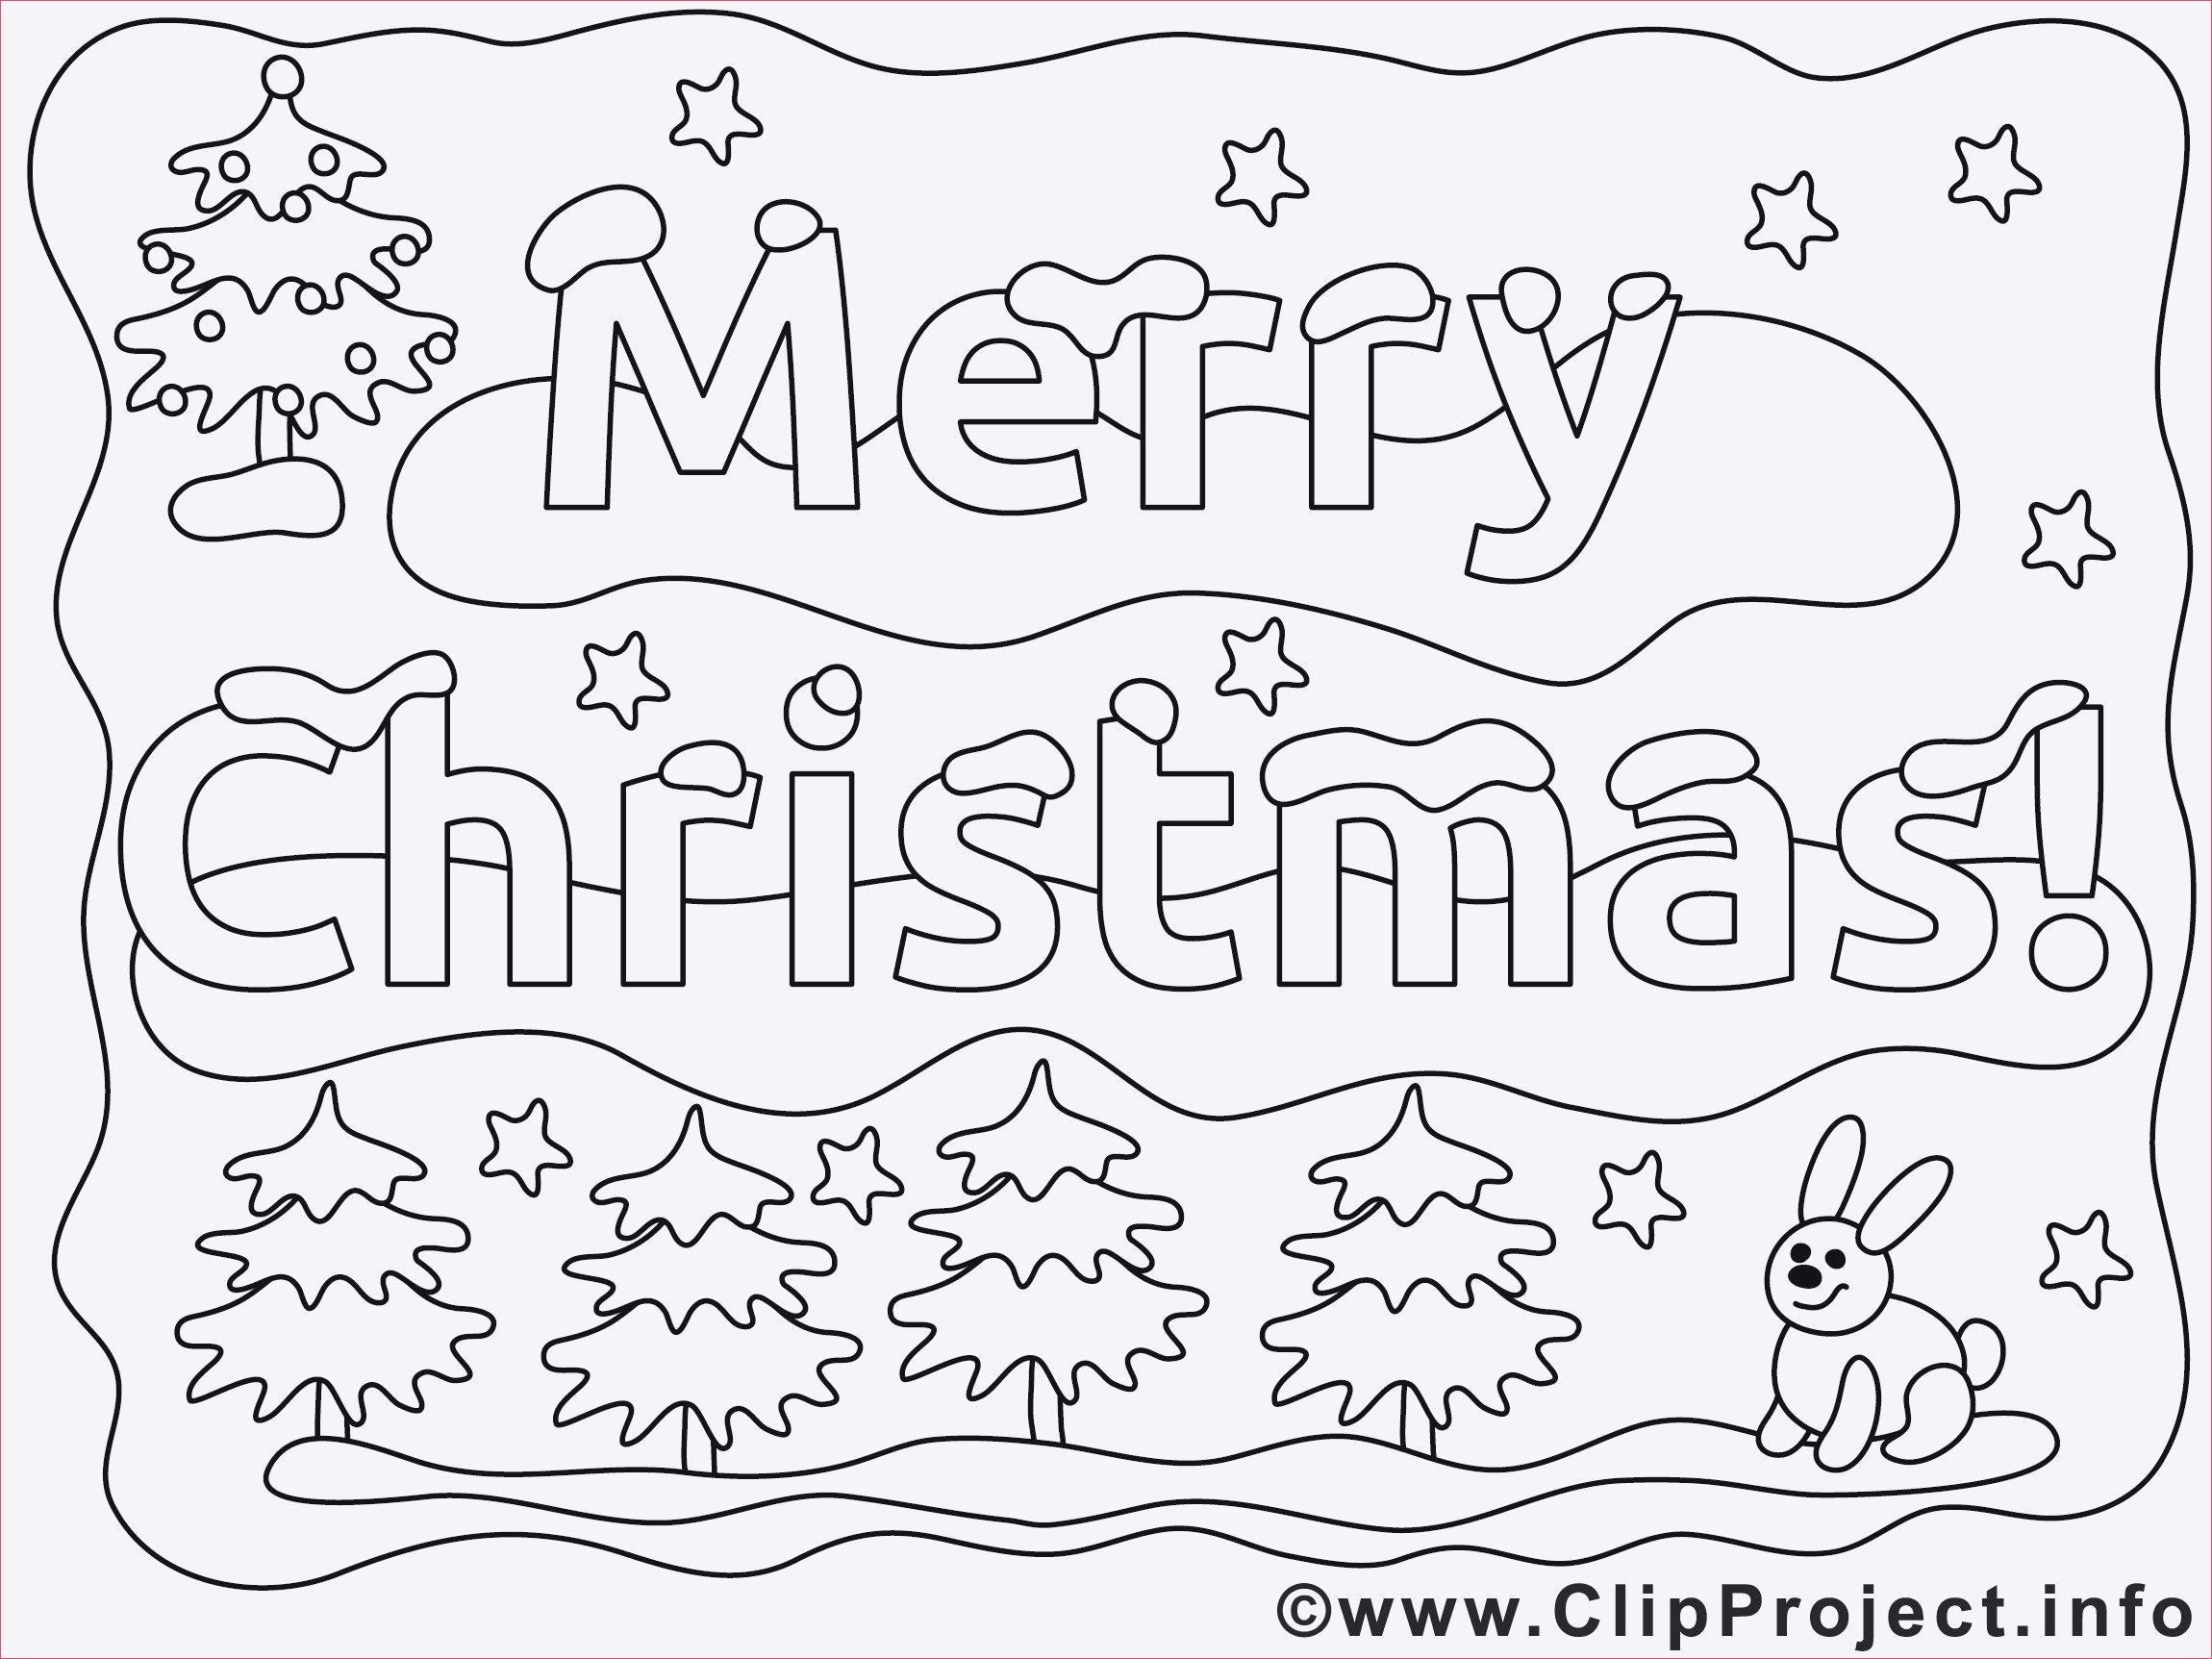 Ausmalbilder Weihnachten Advent Inspirierend Adventsbilder Kostenlos Ausdrucken 1 Advent Bilder Kostenlos Fotografieren